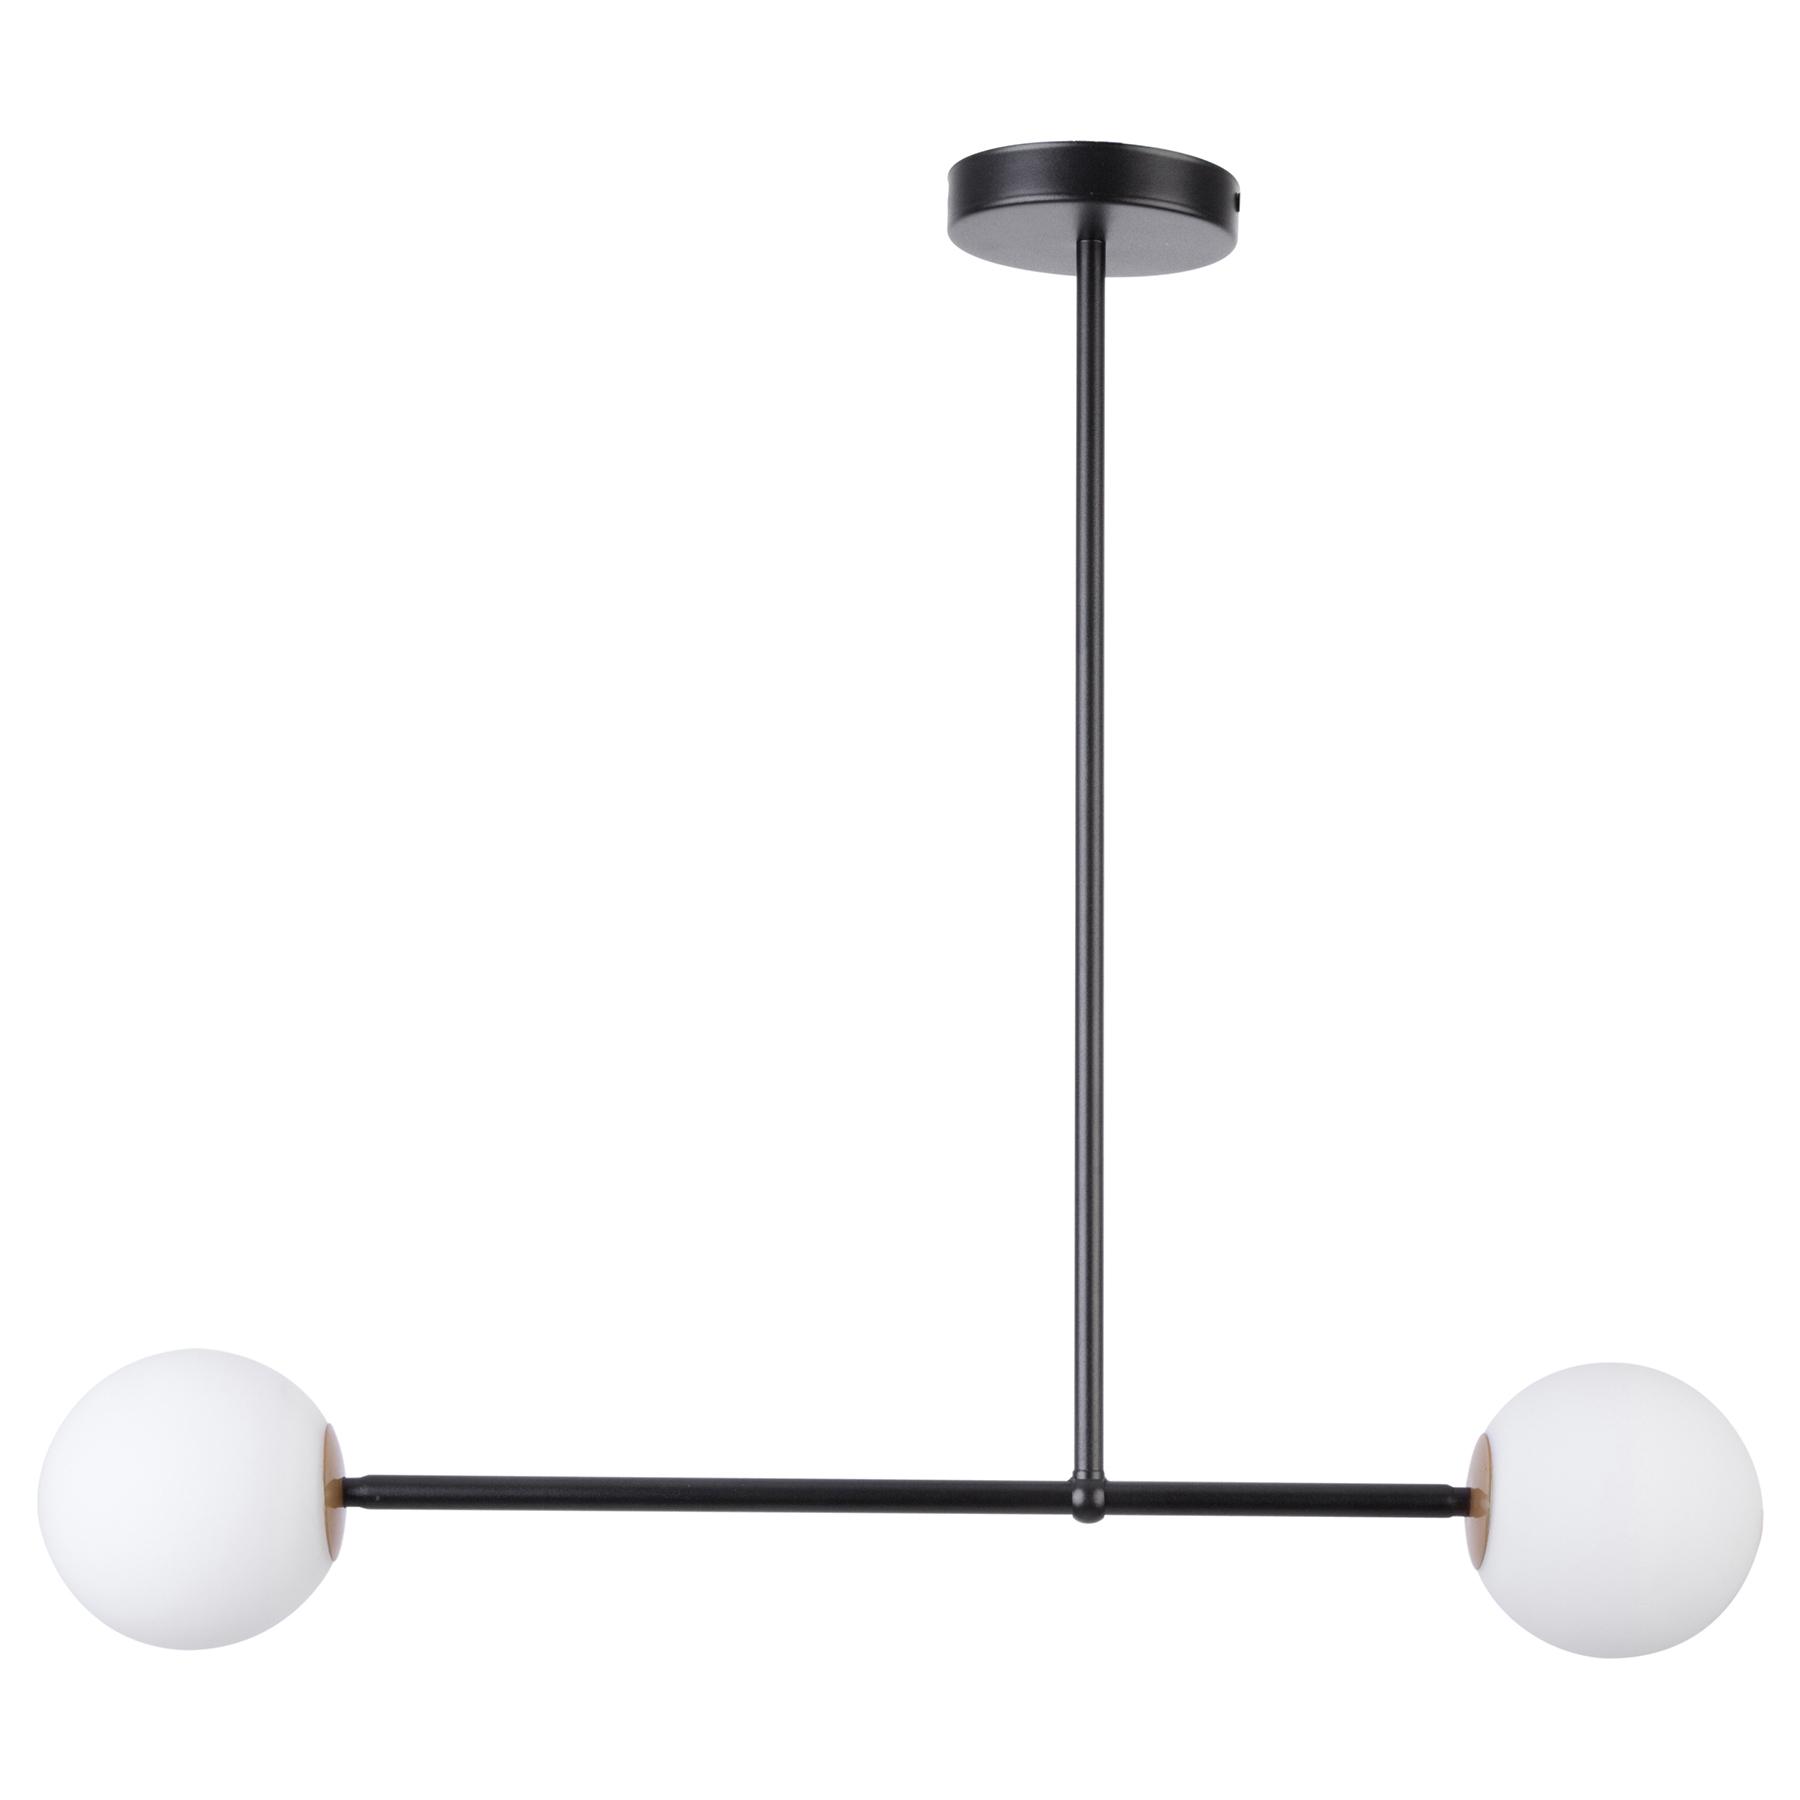 Lampa wisząca Gama 2, 2-punktowa, czarna